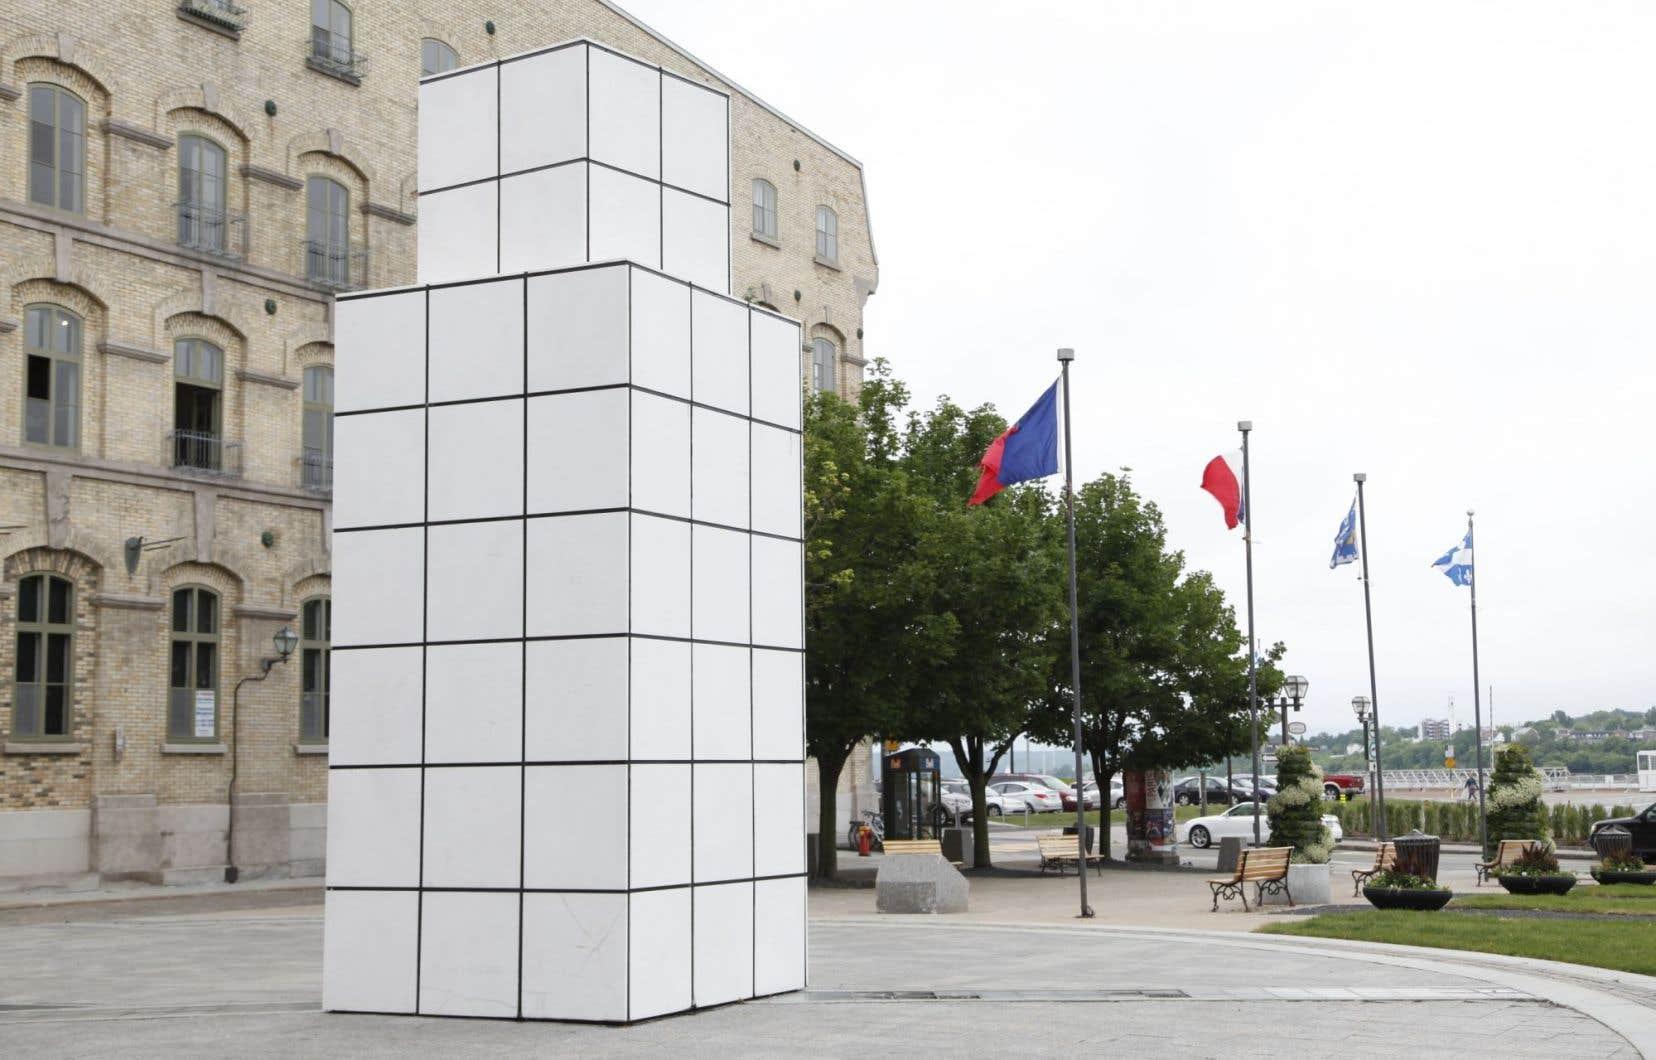 L'oeuvre <em>Dialogue avec l'histoire</em>de Jean-Pierre Raynaud, se trouvait sur la place de Paris, à Québec, avant sa destruction.